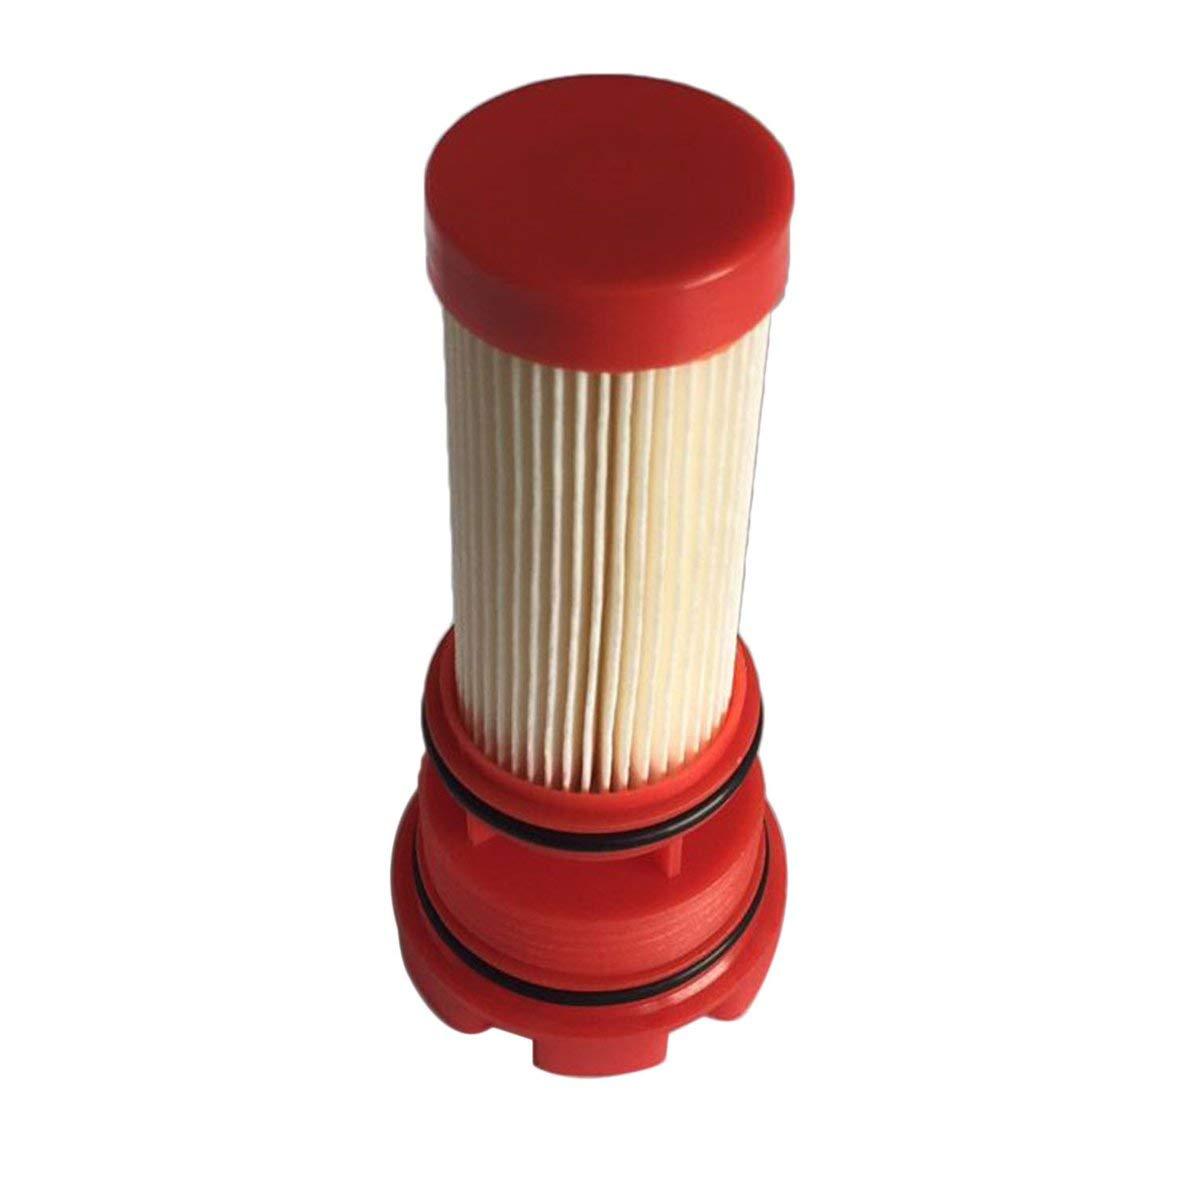 Filtro carburante rosso 35-884380T 35-8M0020349 per Mercury DFI OptiMax Verado DoMoment